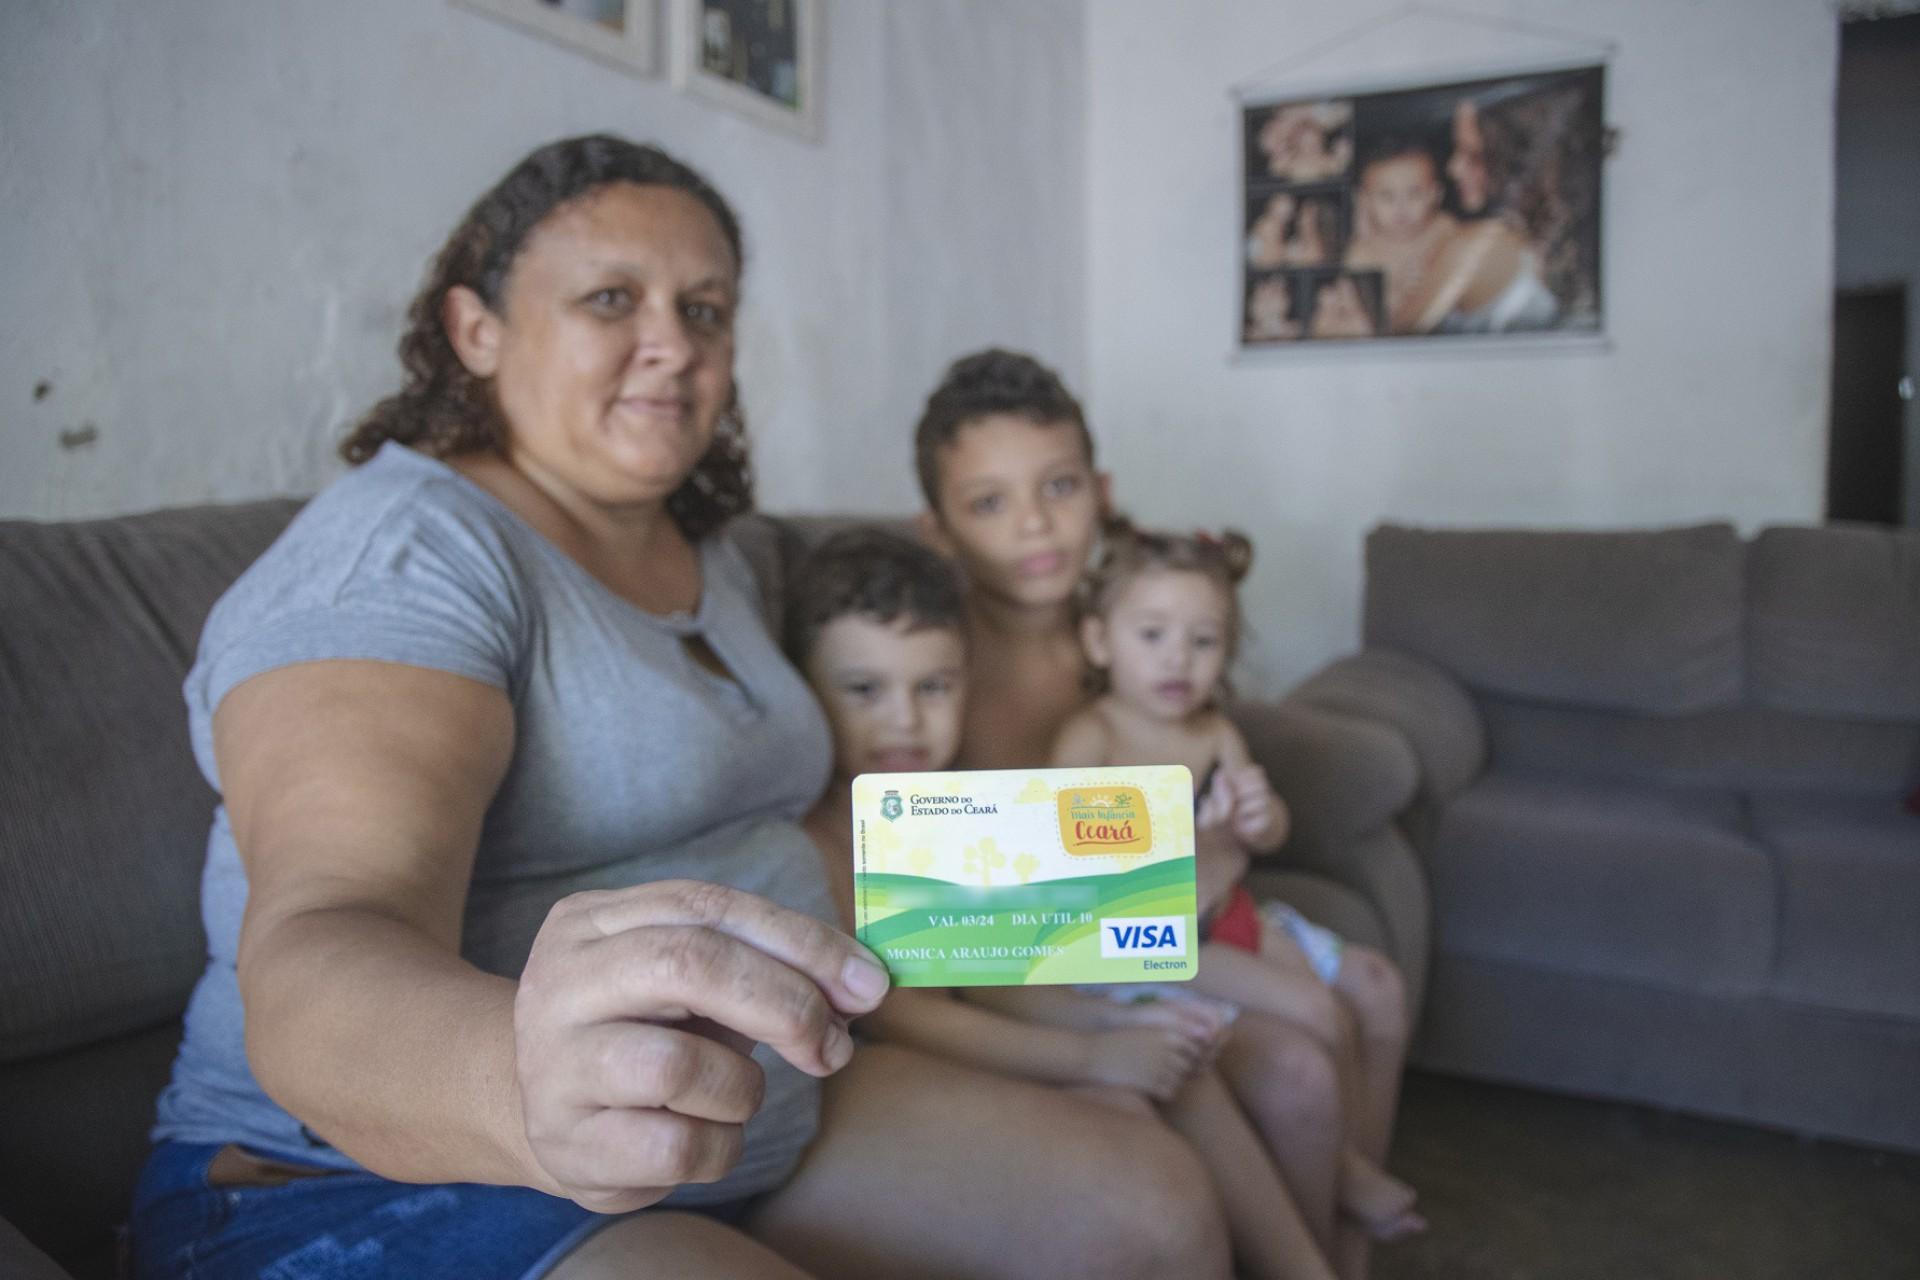 A cada 10% do valor do Cartão, há uma melhora de cerca de 15% nas notas de português e matemática dos pequenos (Foto: Ariel Gomes/Governo do Ceará)